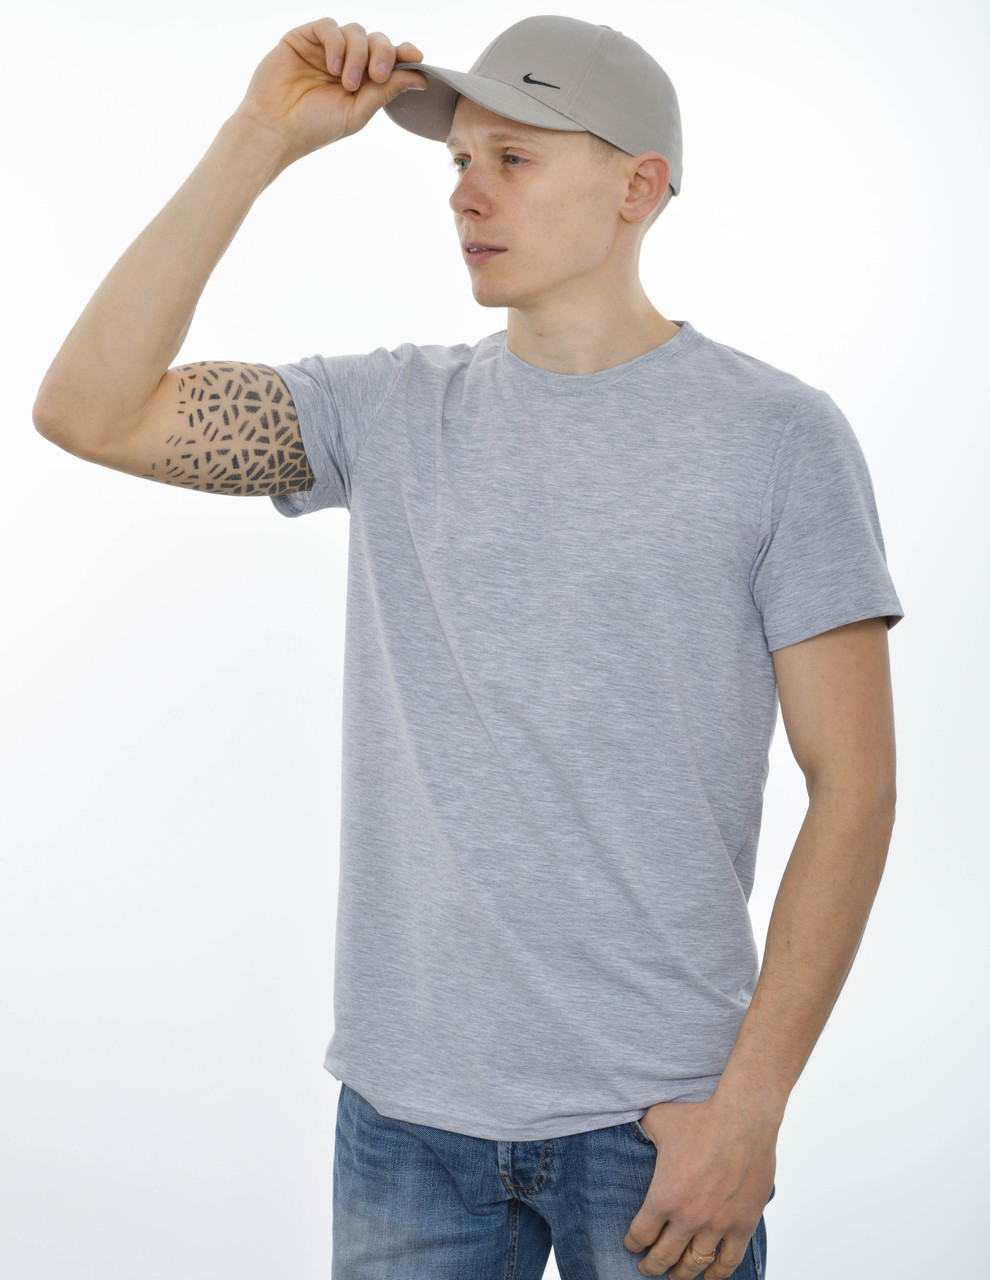 Мужская однотонная футболка 19001 Светлый серый меланж